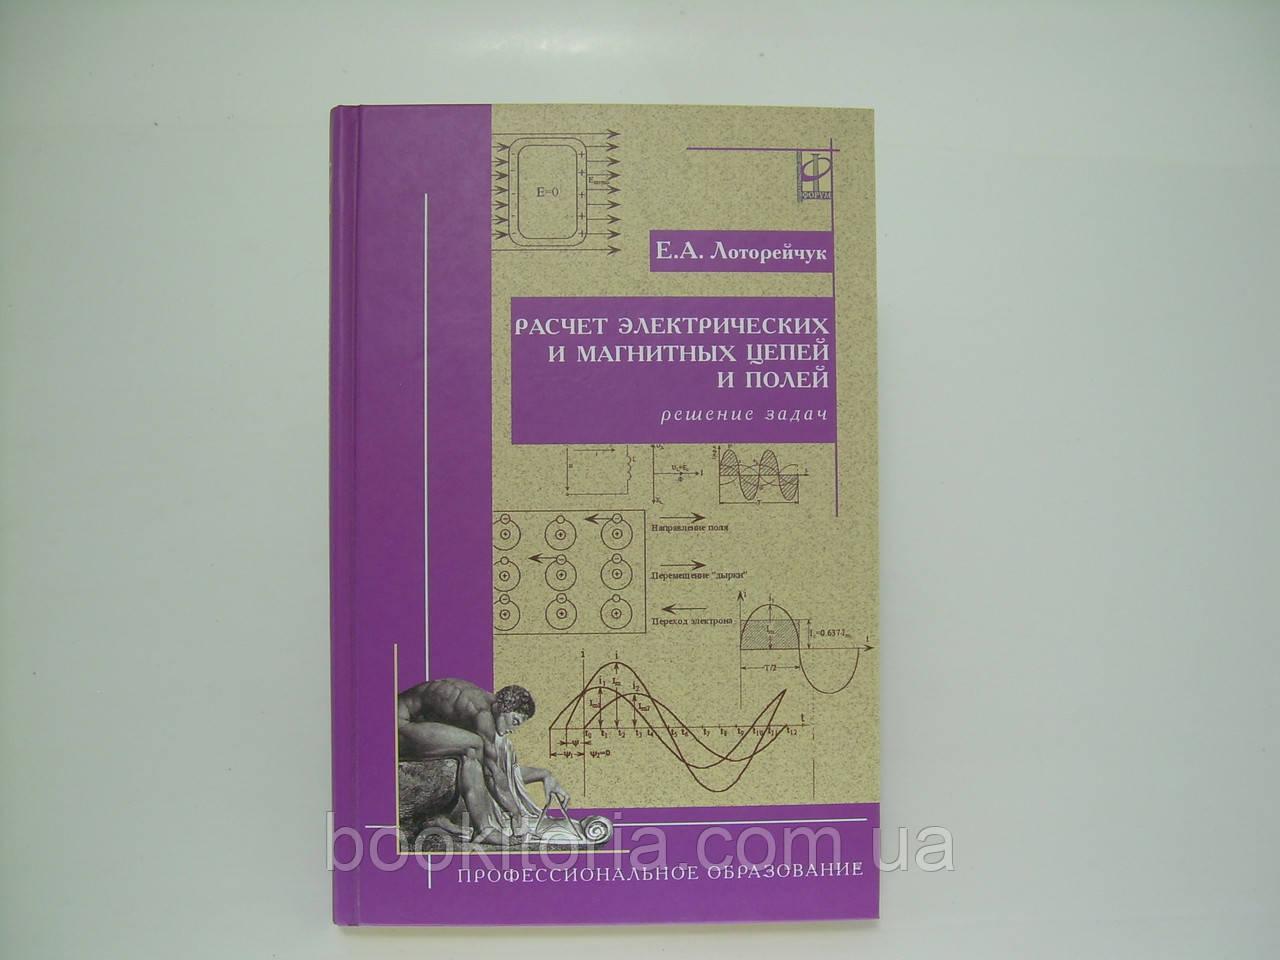 Лоторейчук Е.А. Расчет электрических и магнитных цепей и полей. Решение задач (б/у).